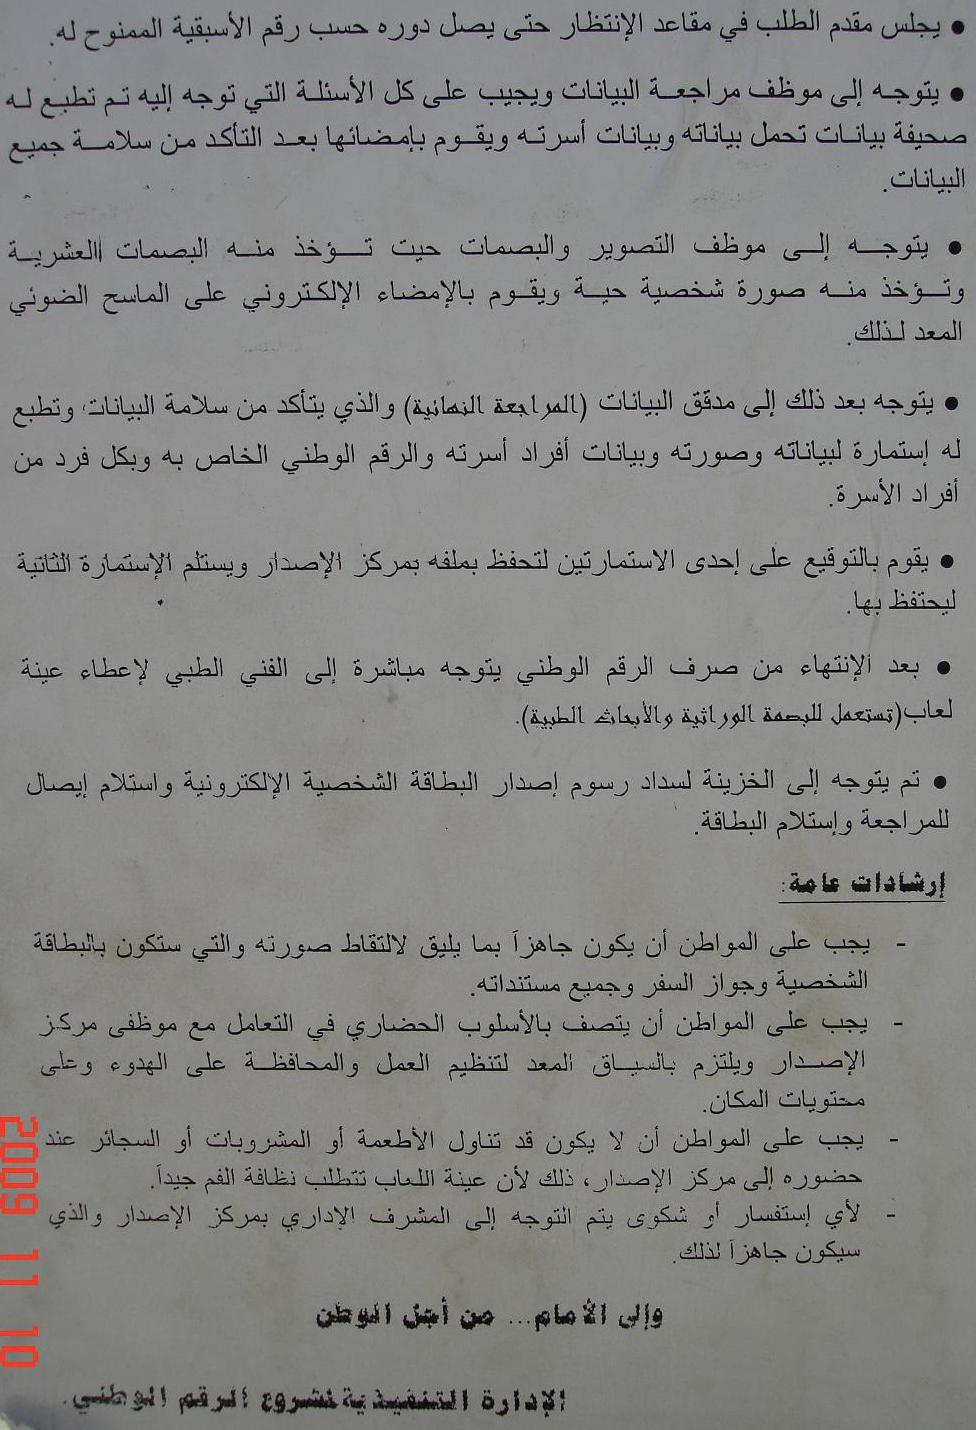 إرشادات صفحة 2